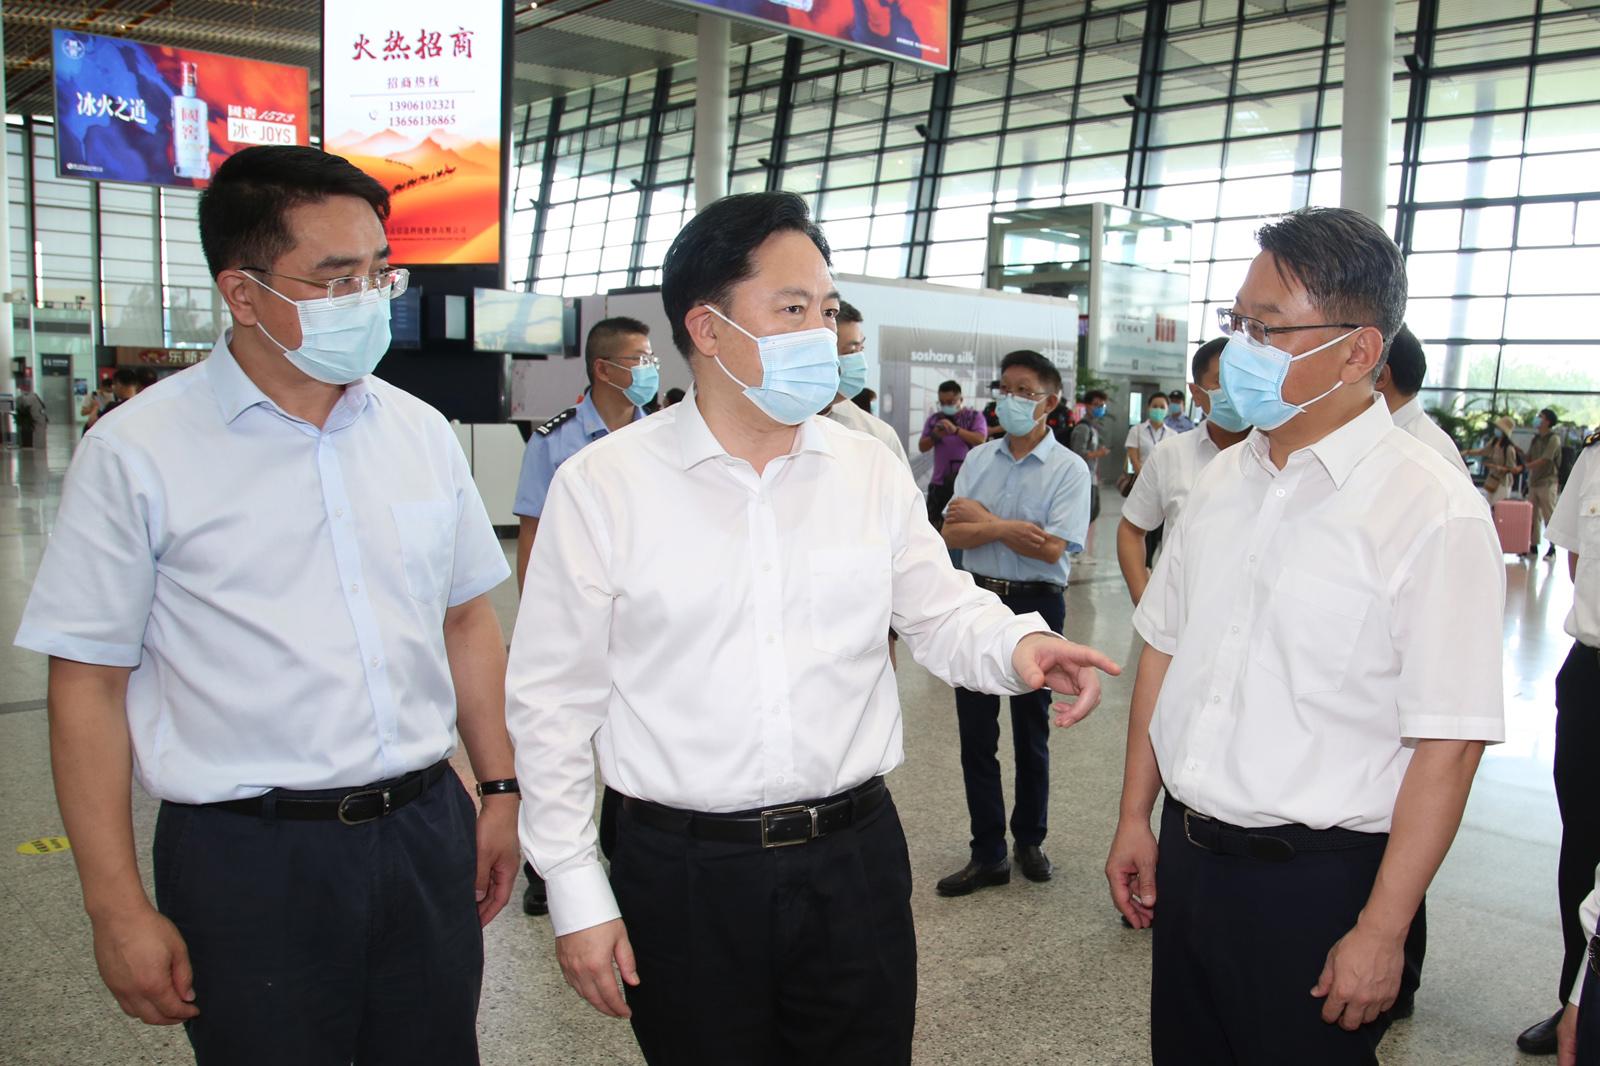 风暴注册报道:江苏常州、无锡两市市委书记赴当地机场,督查疫情防控工作